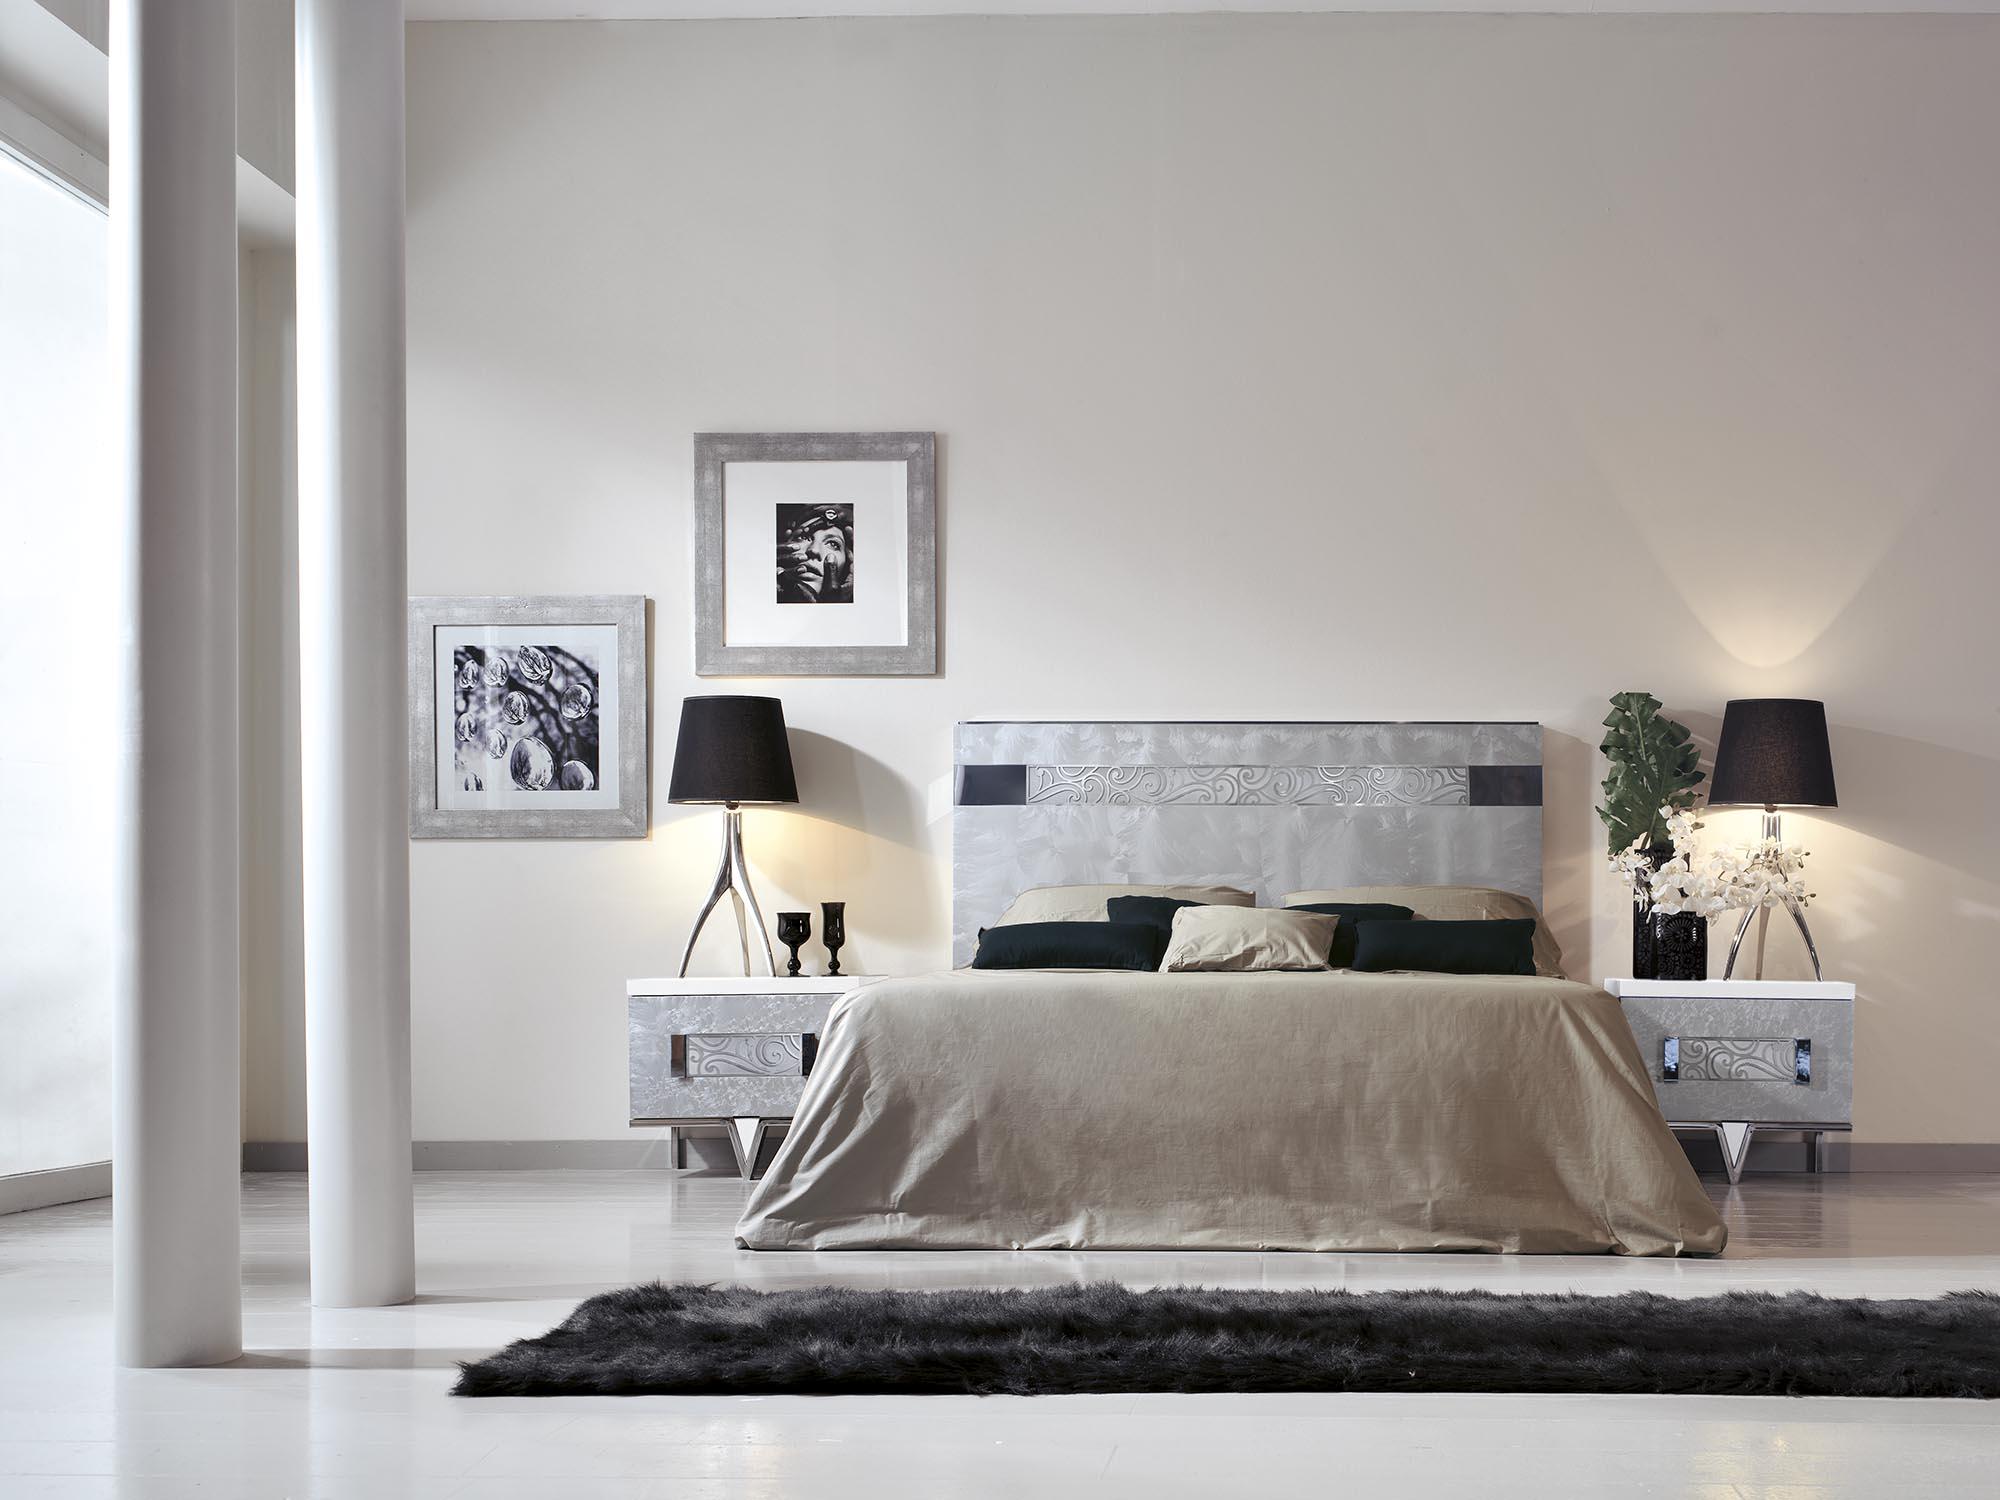 dormitorio de estilo contemporaneo (54)